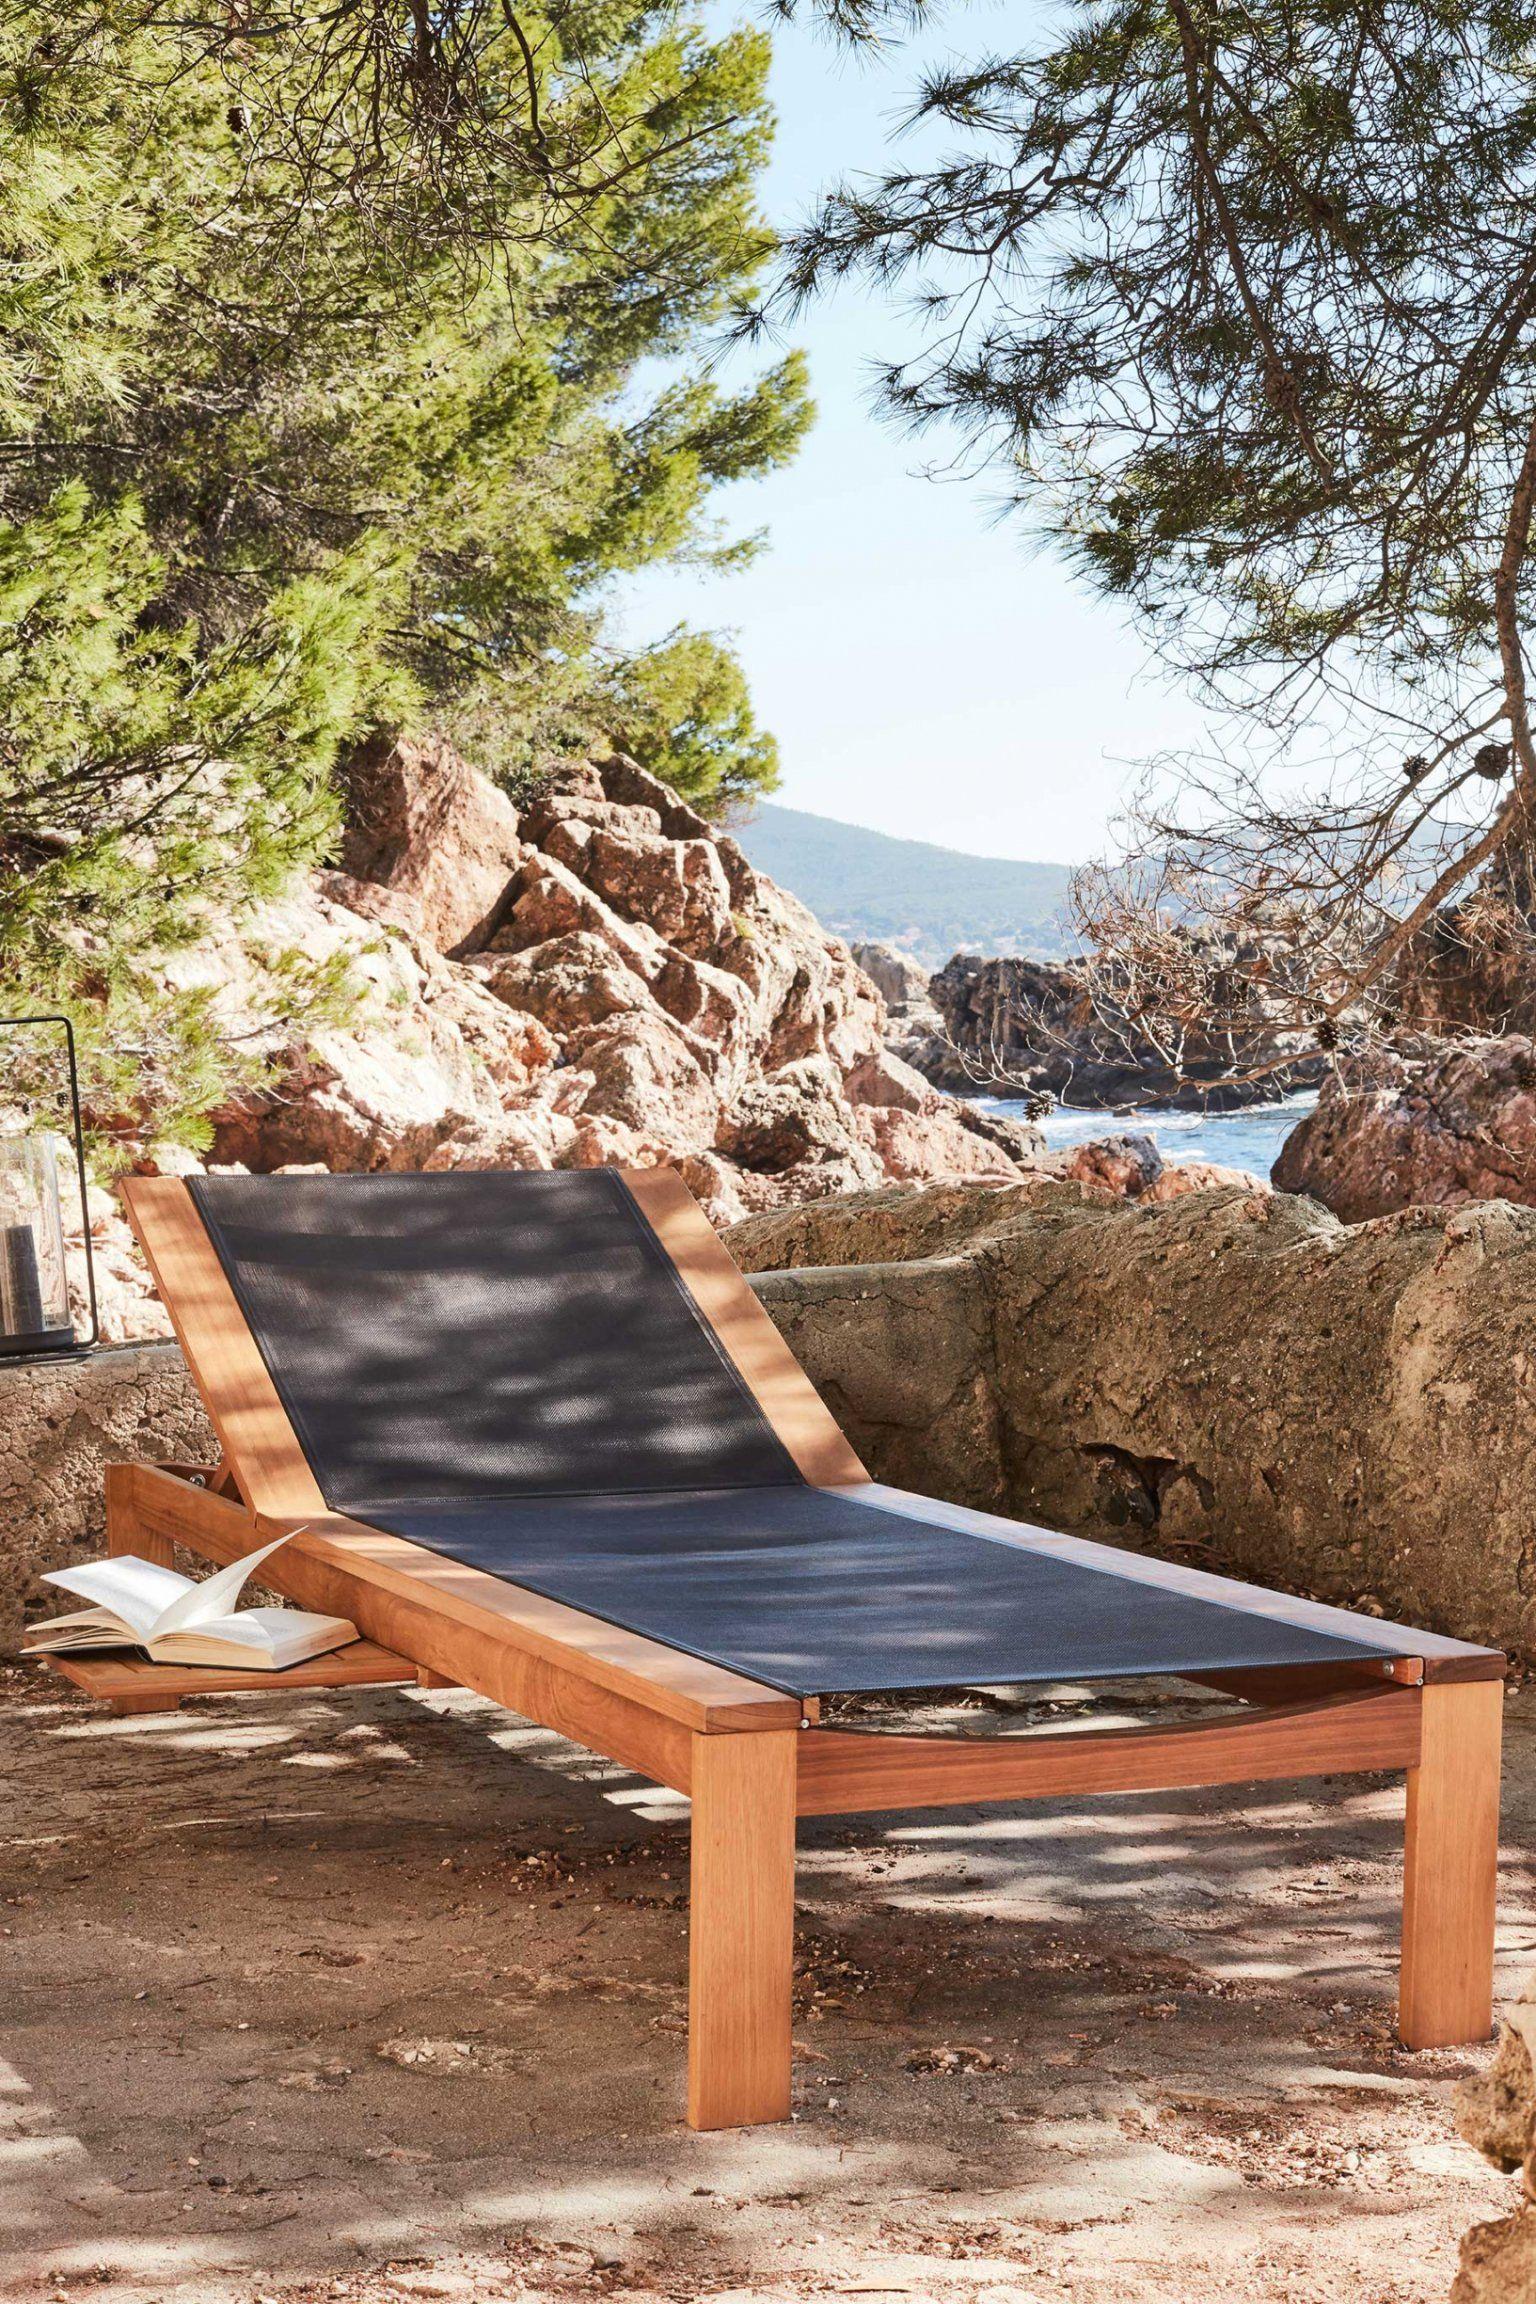 14 Transats Et Chaises Longues Pour Farnienter Bain De Soleil Transat Piscine Chaise Longue Jardin